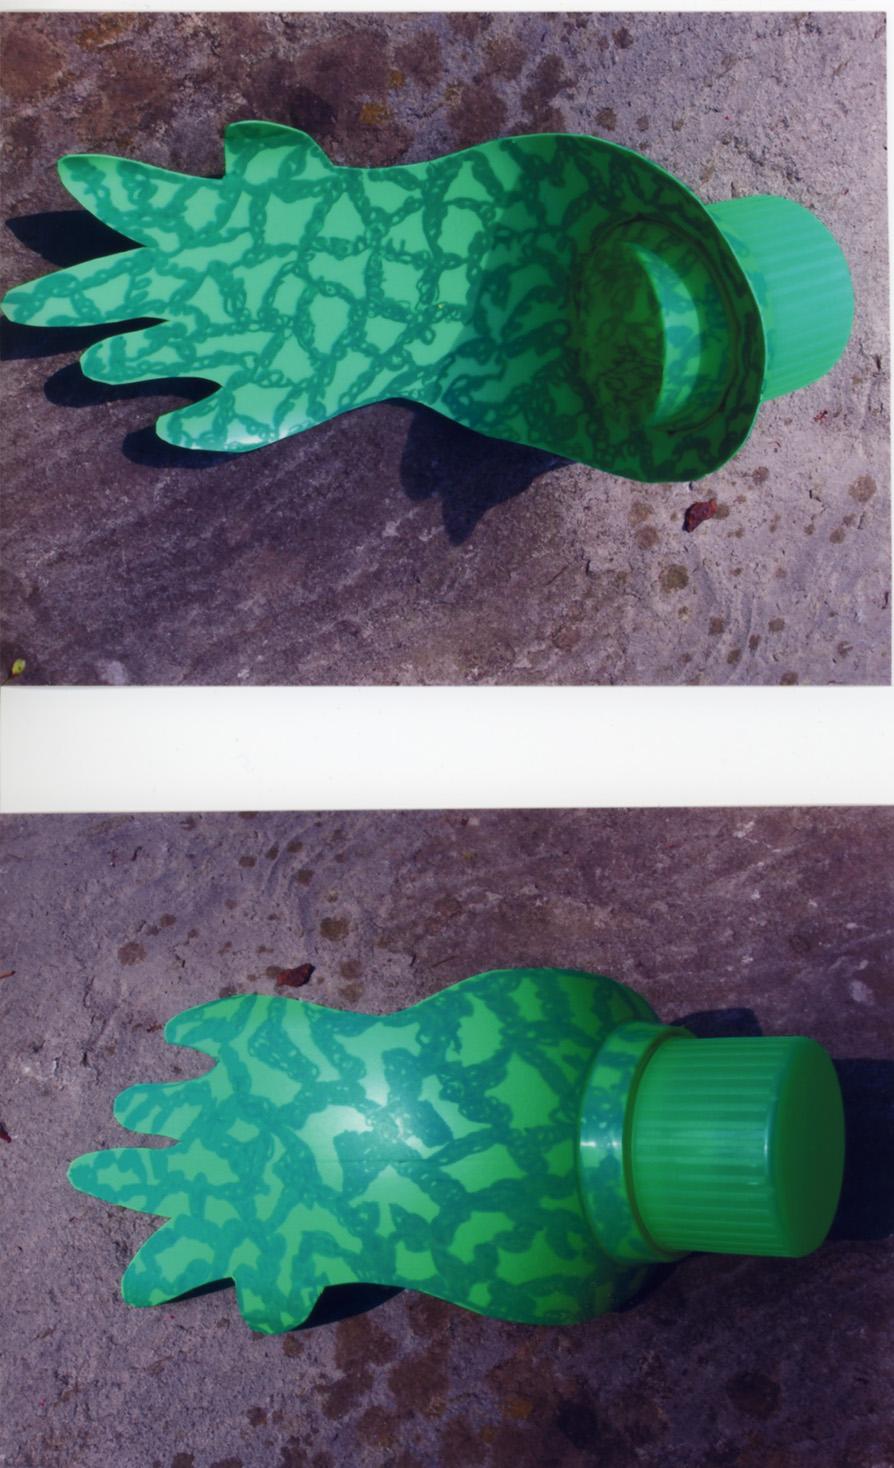 frogfootshovel